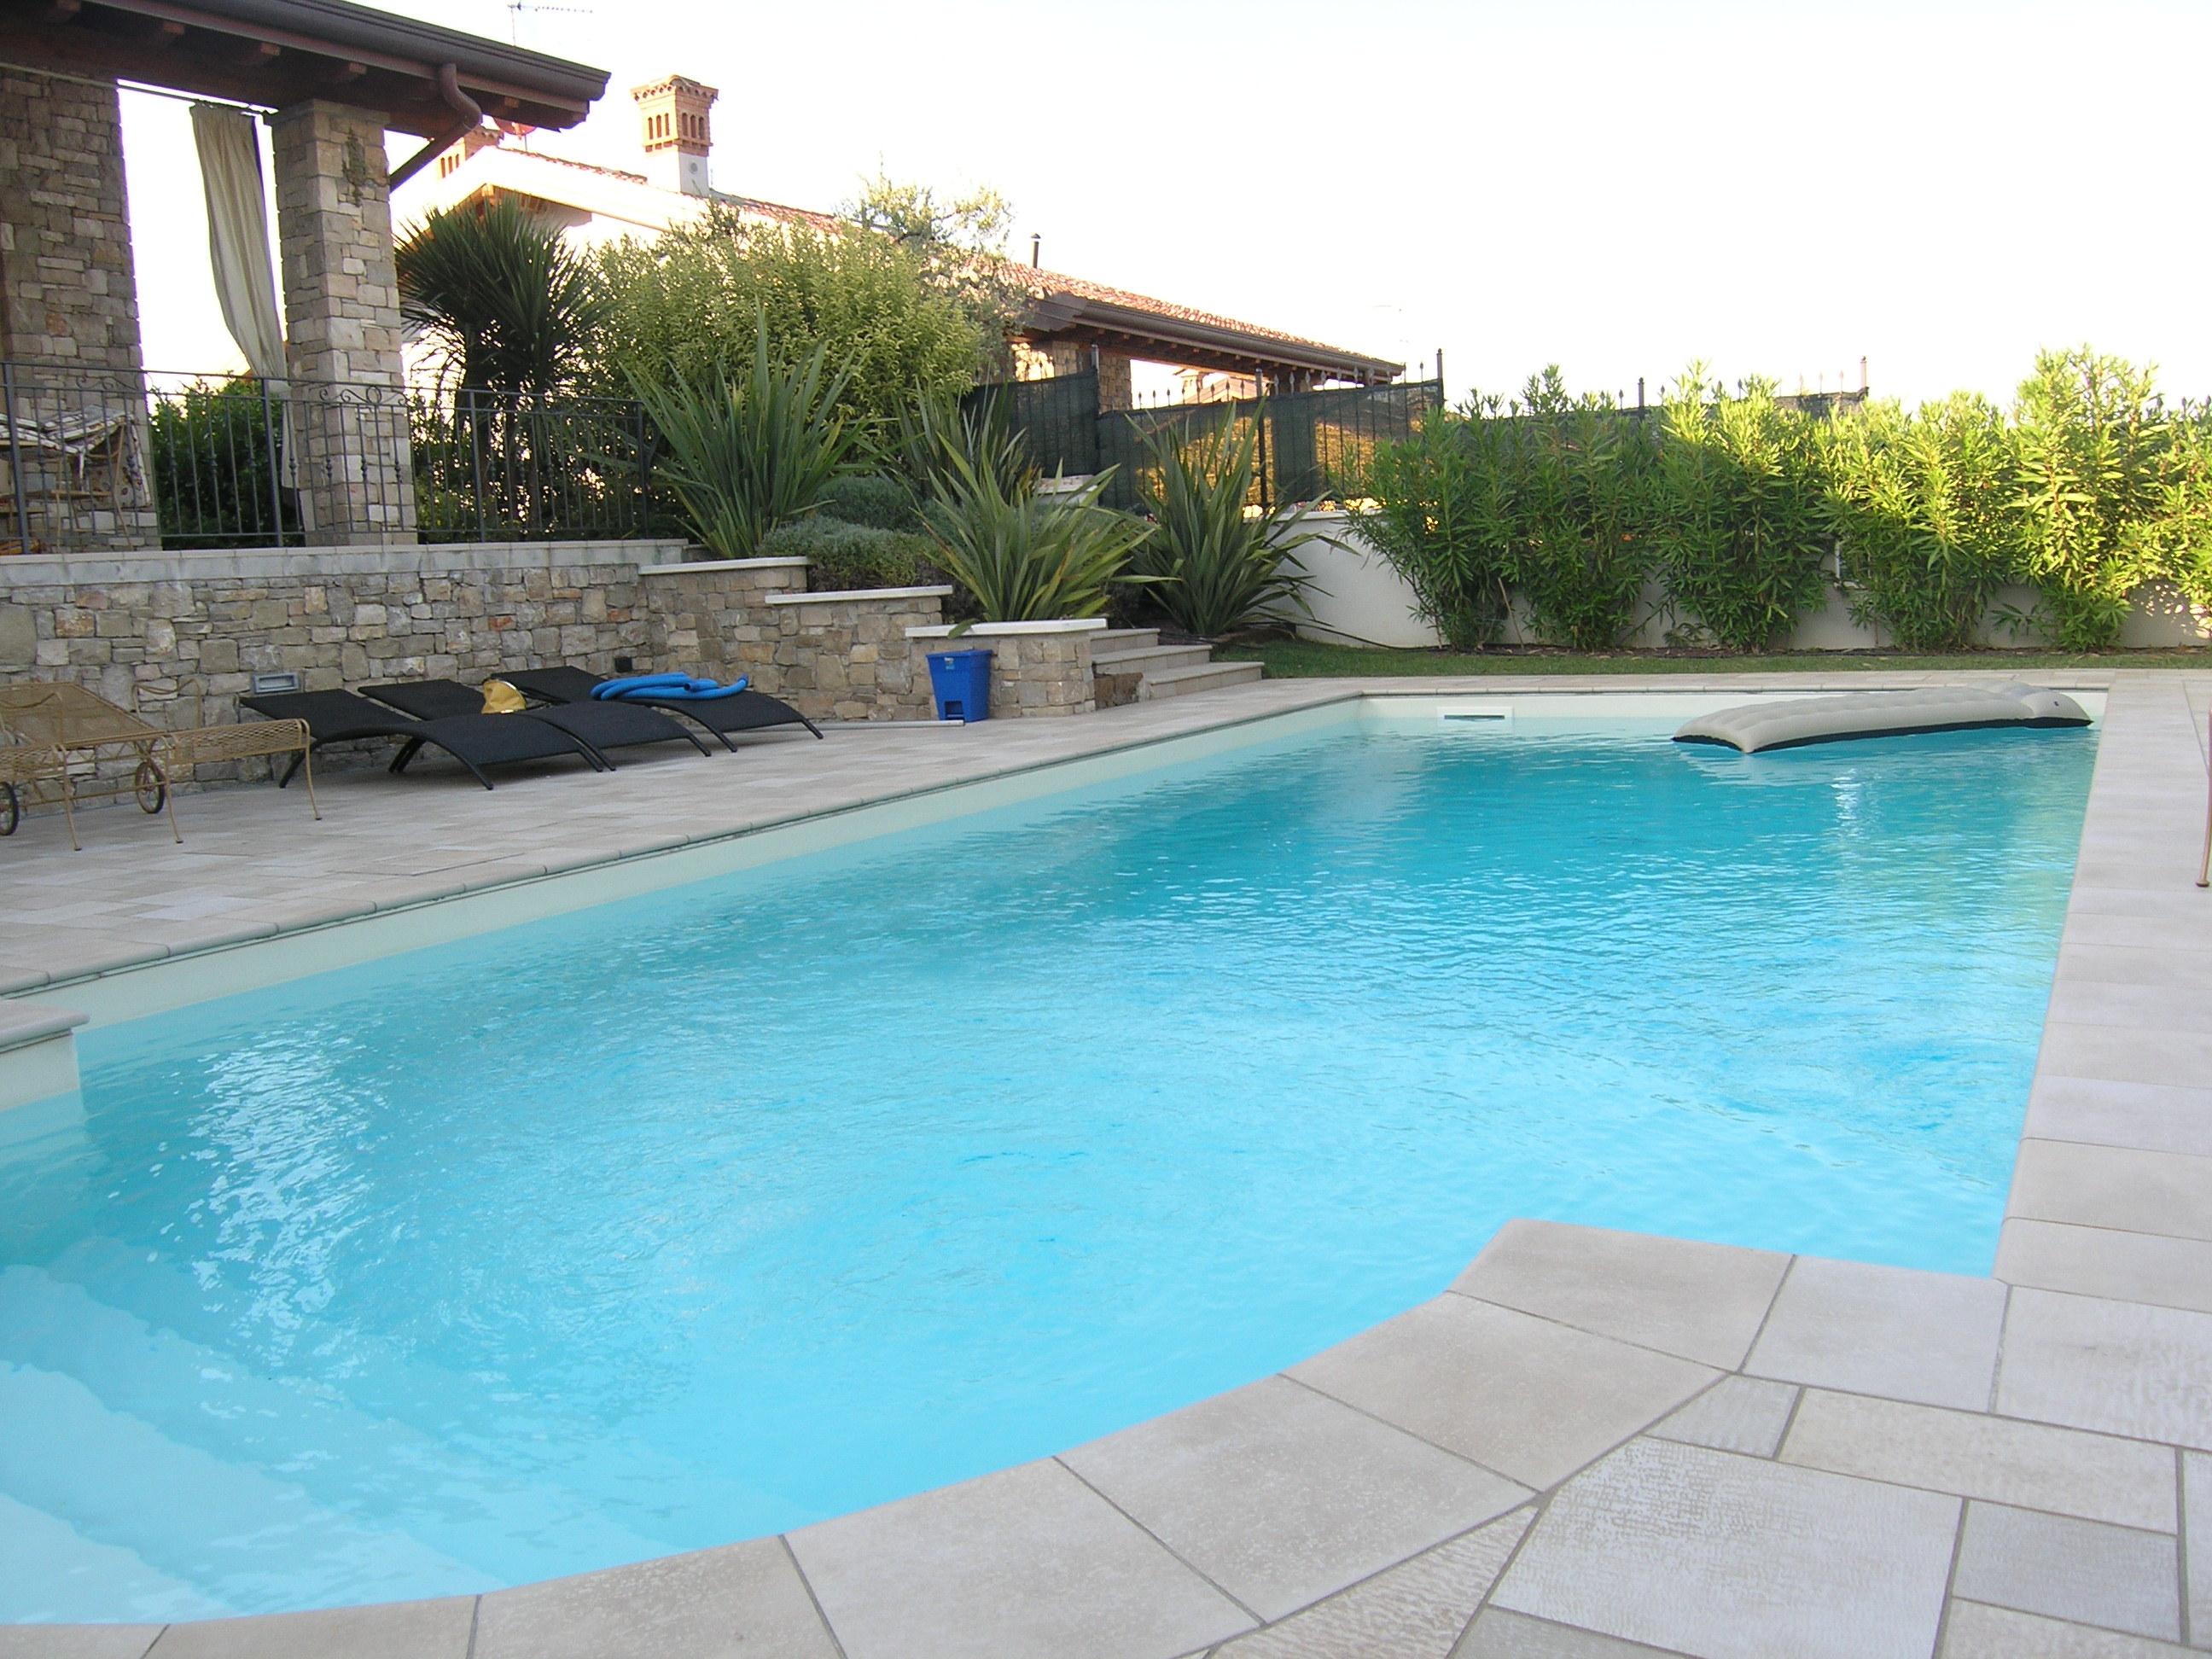 Villa in vendita a manerba del garda - Hotel manerba del garda con piscina ...